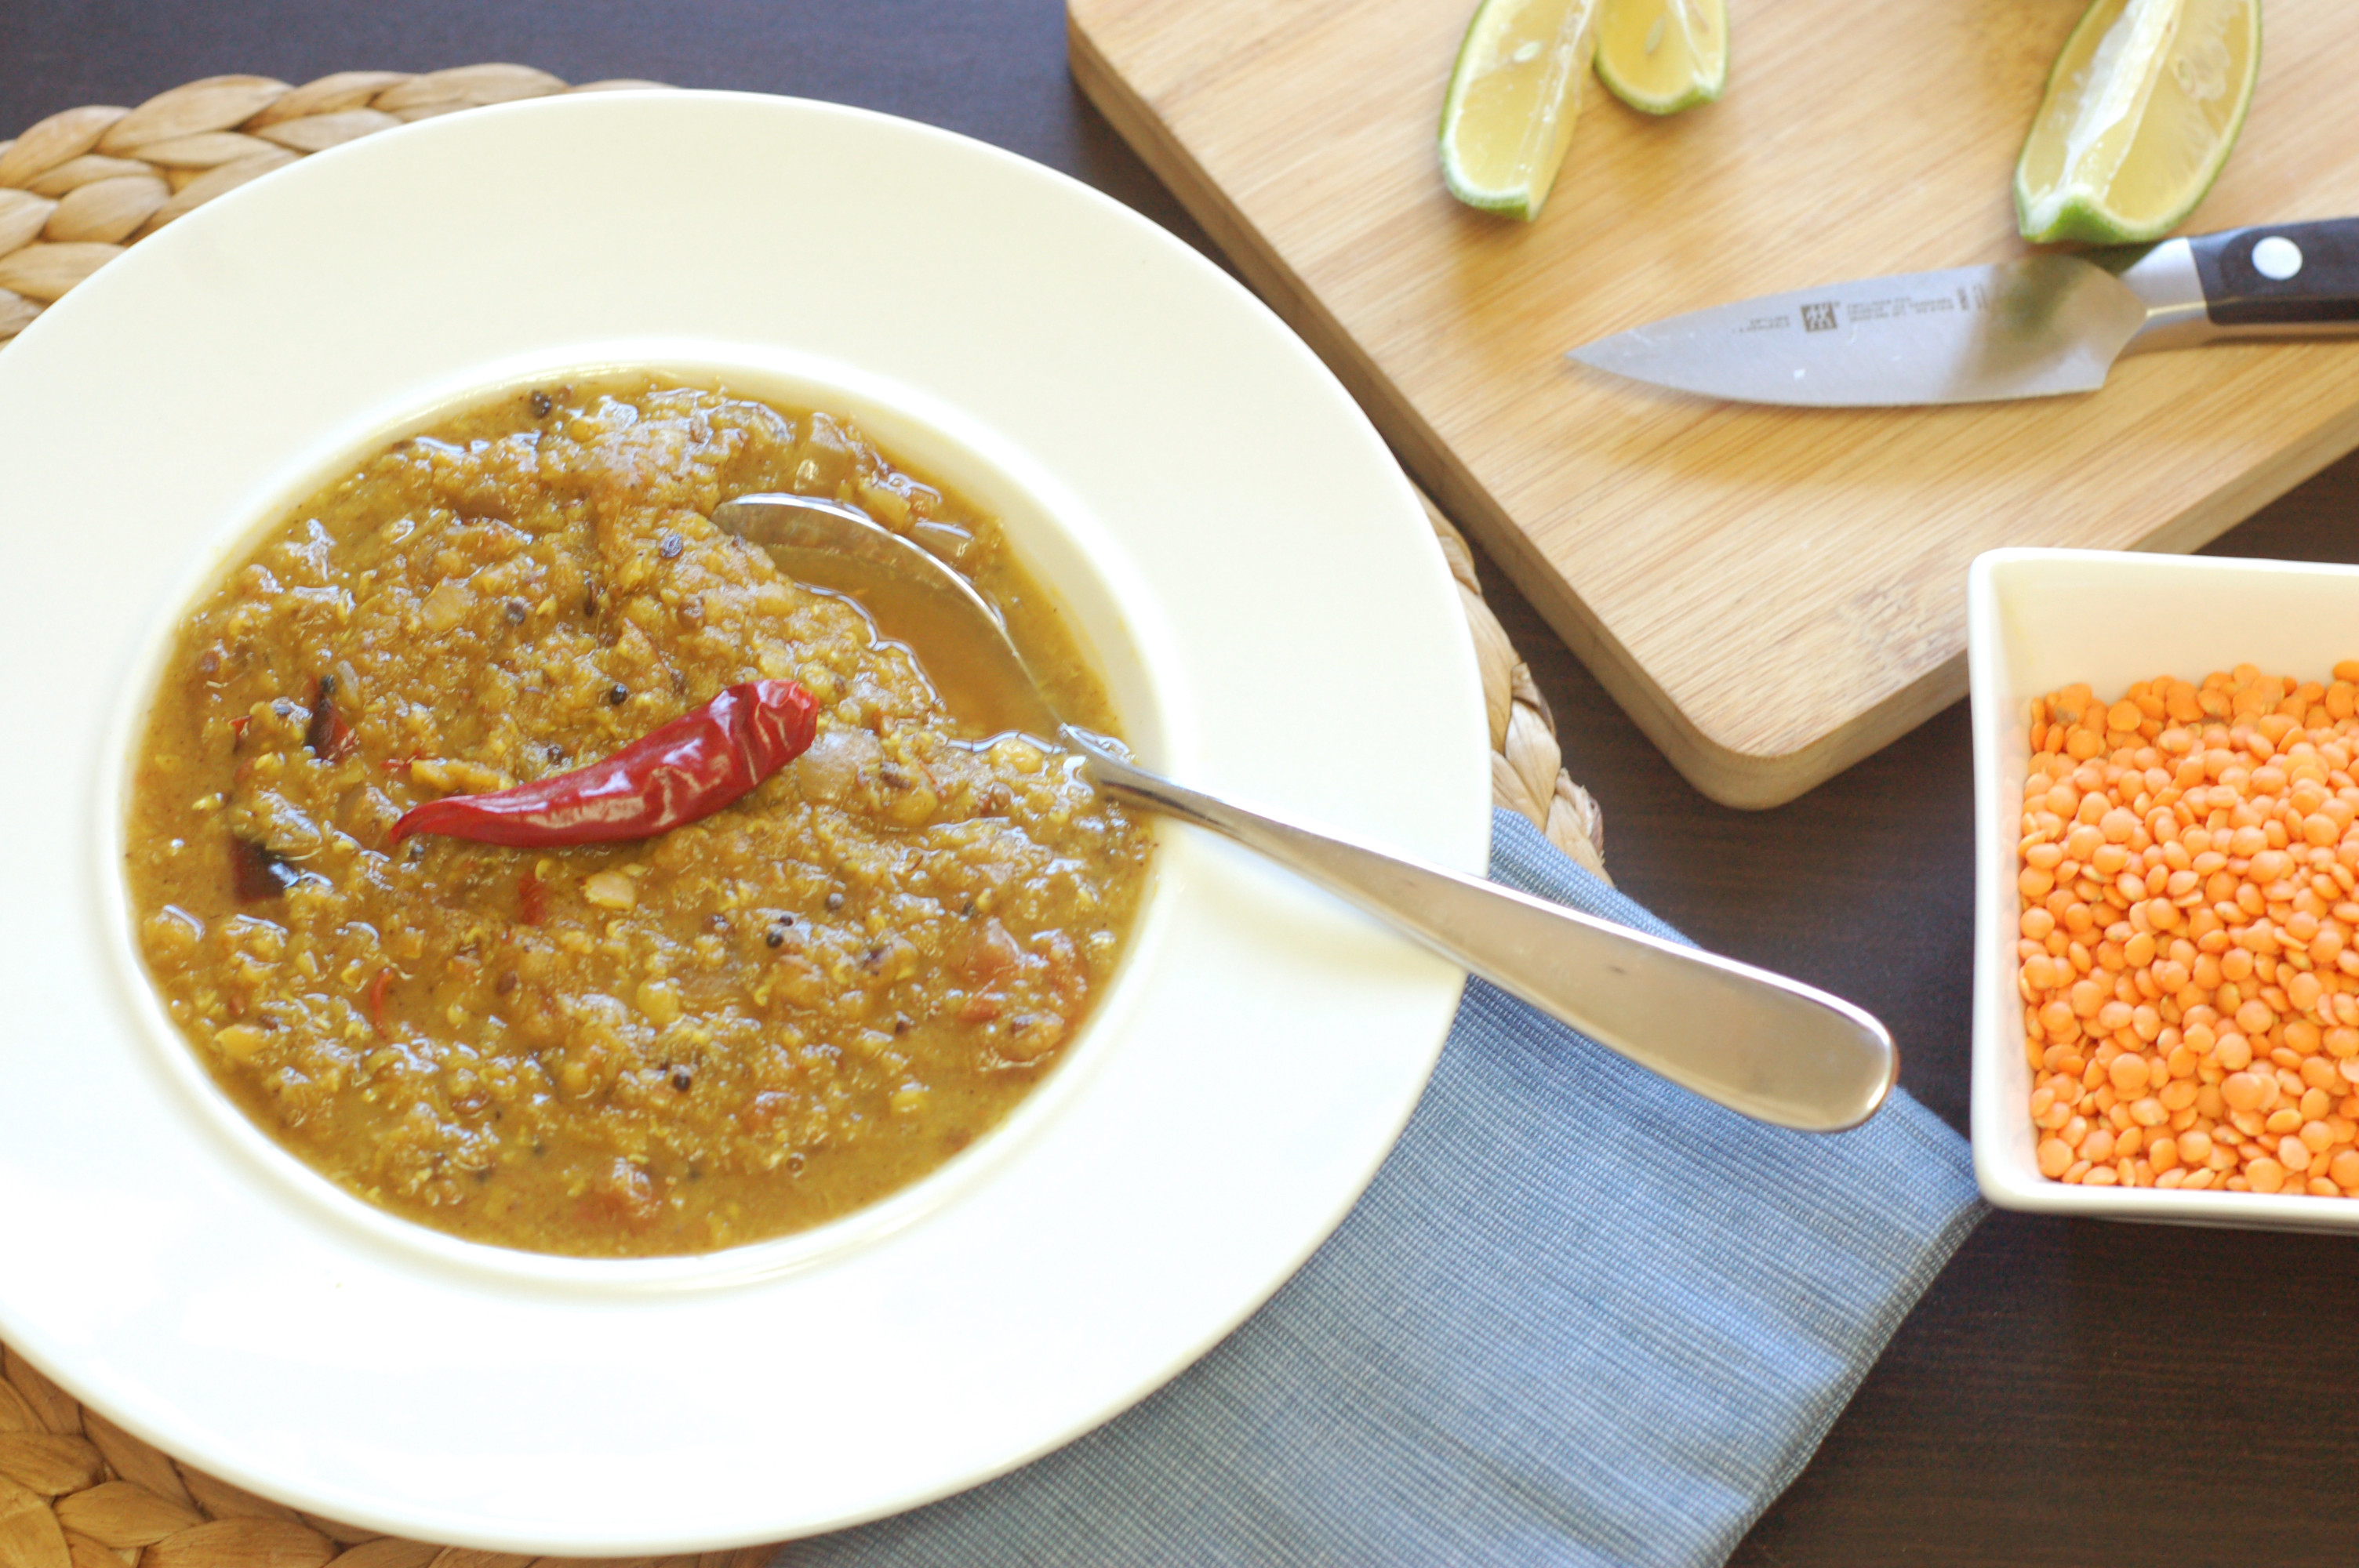 超美味蔬食 - 紅扁豆咖哩